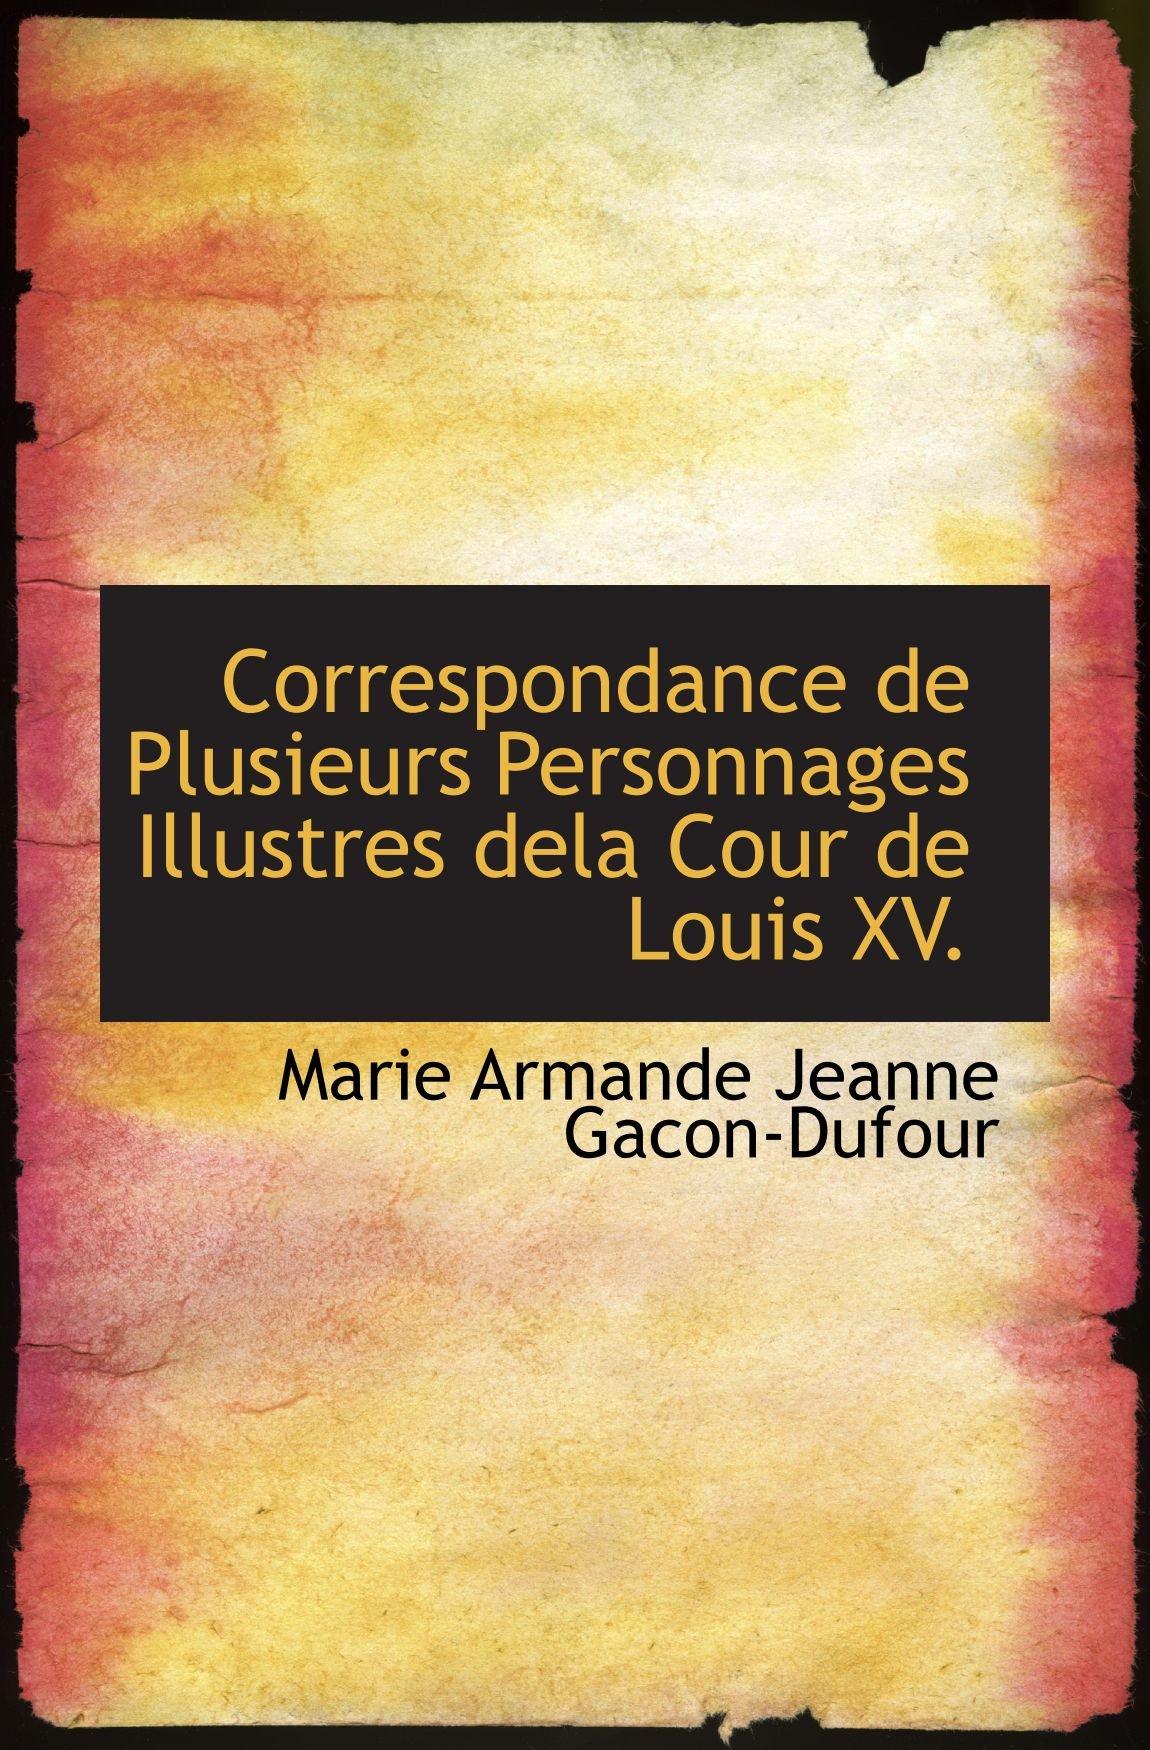 Correspondance de Plusieurs Personnages Illustres dela Cour de Louis XV. (French Edition) pdf epub